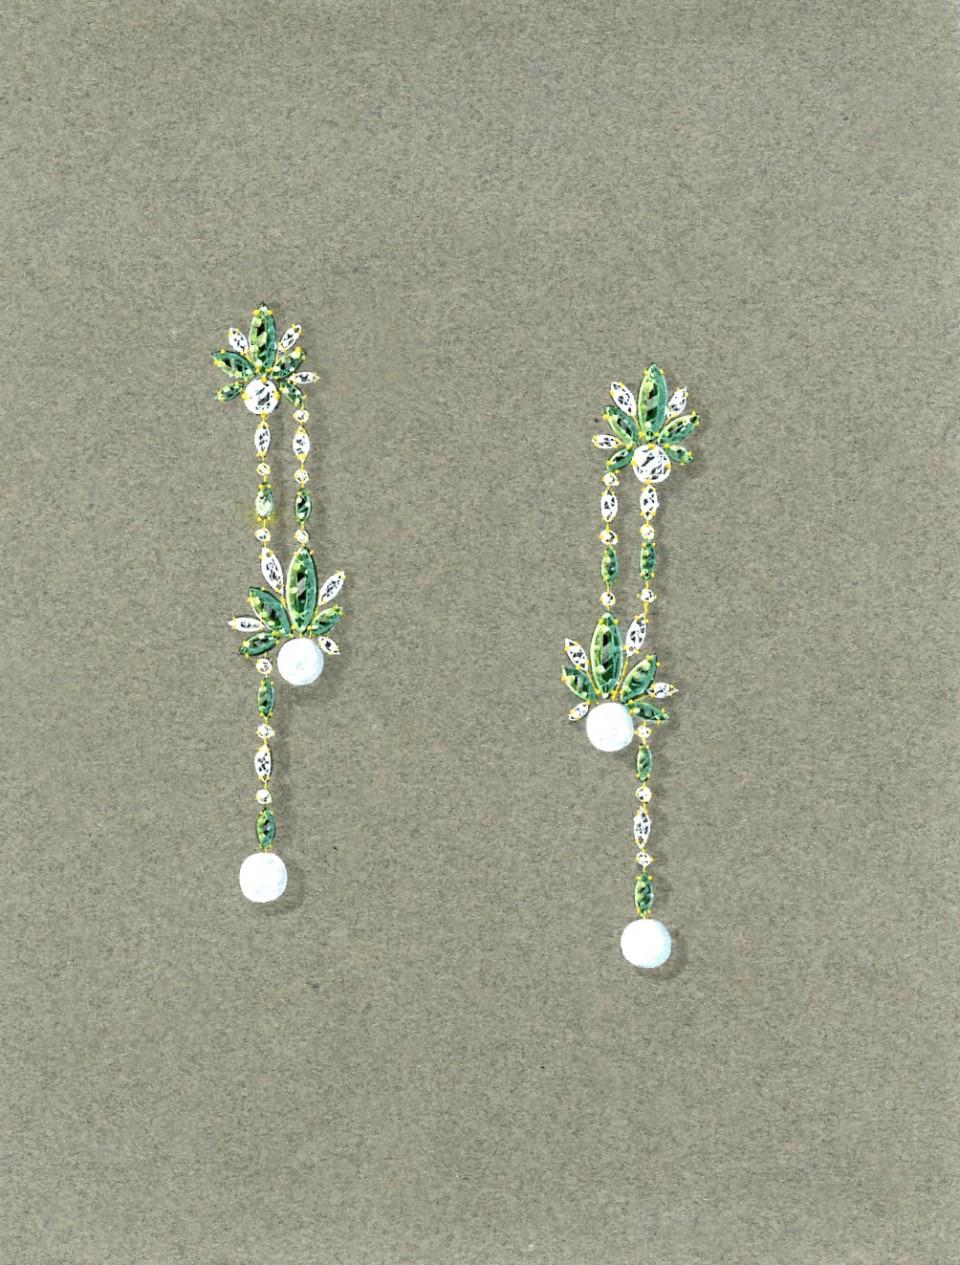 boucles d oreille deux perles roland kawczynski. Black Bedroom Furniture Sets. Home Design Ideas